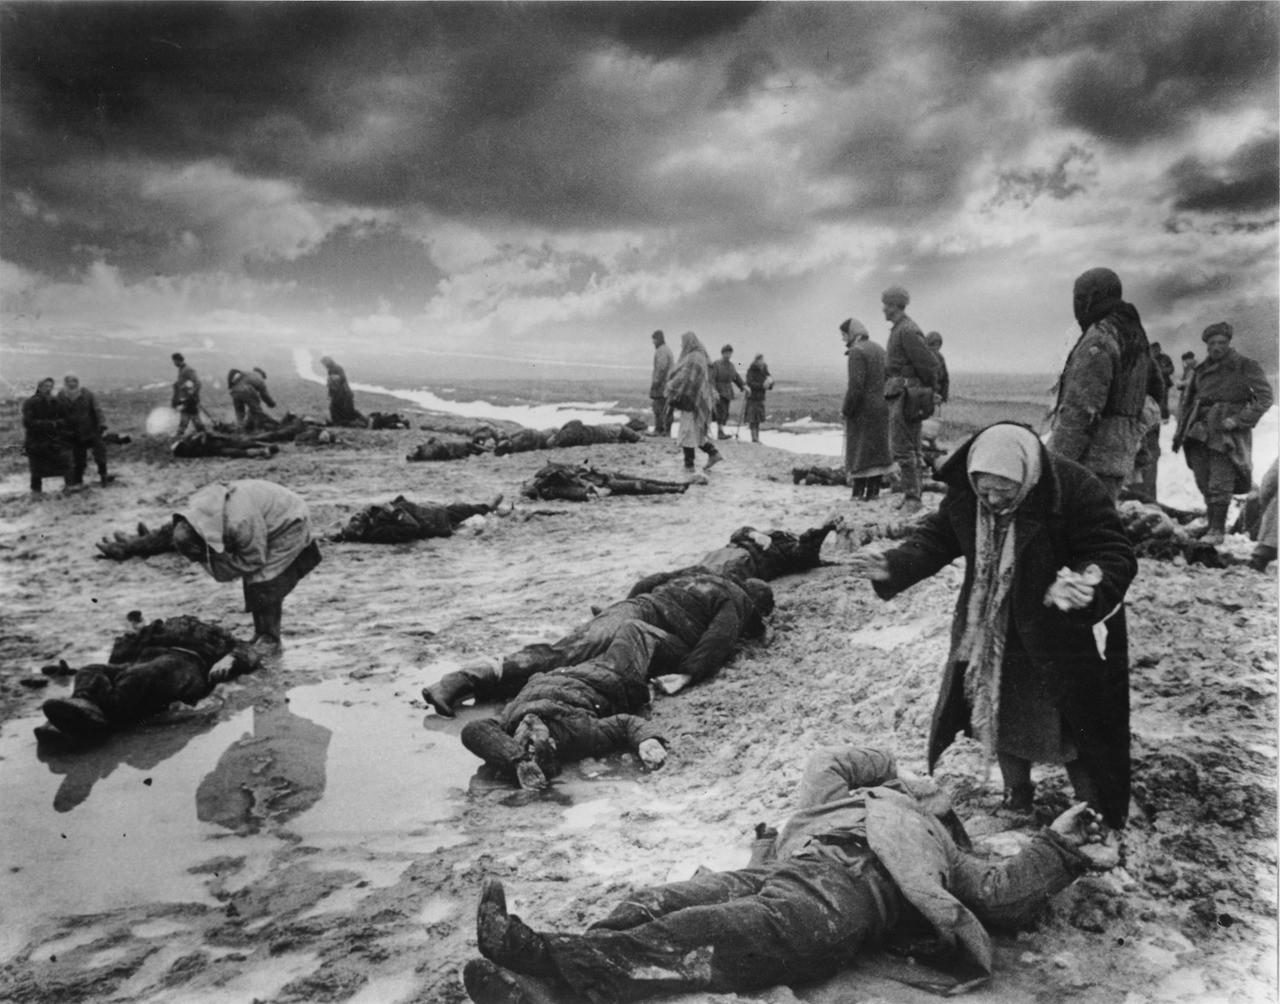 19. Поиск родственников среди погибших, Крым, 1942 г. исторические фотографии, история, фото